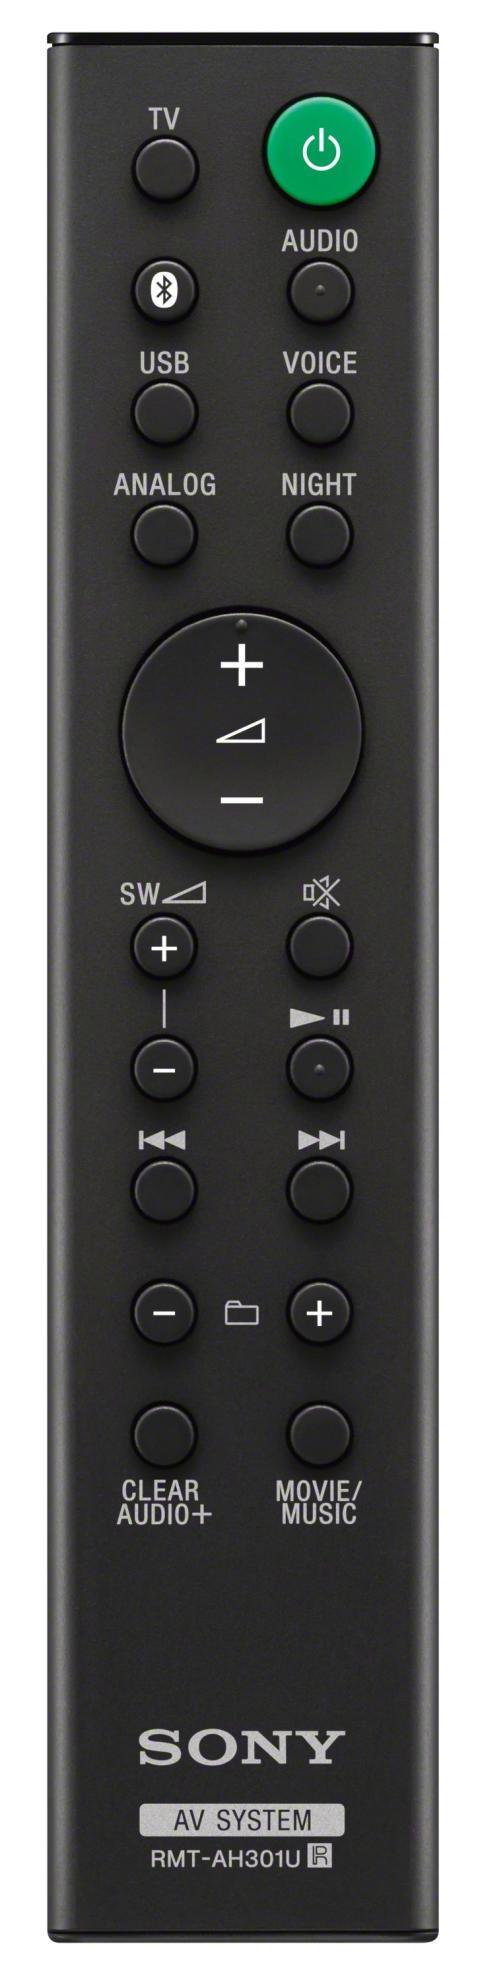 Sony_HT-MT300_Remote_RMT-AH301U_01